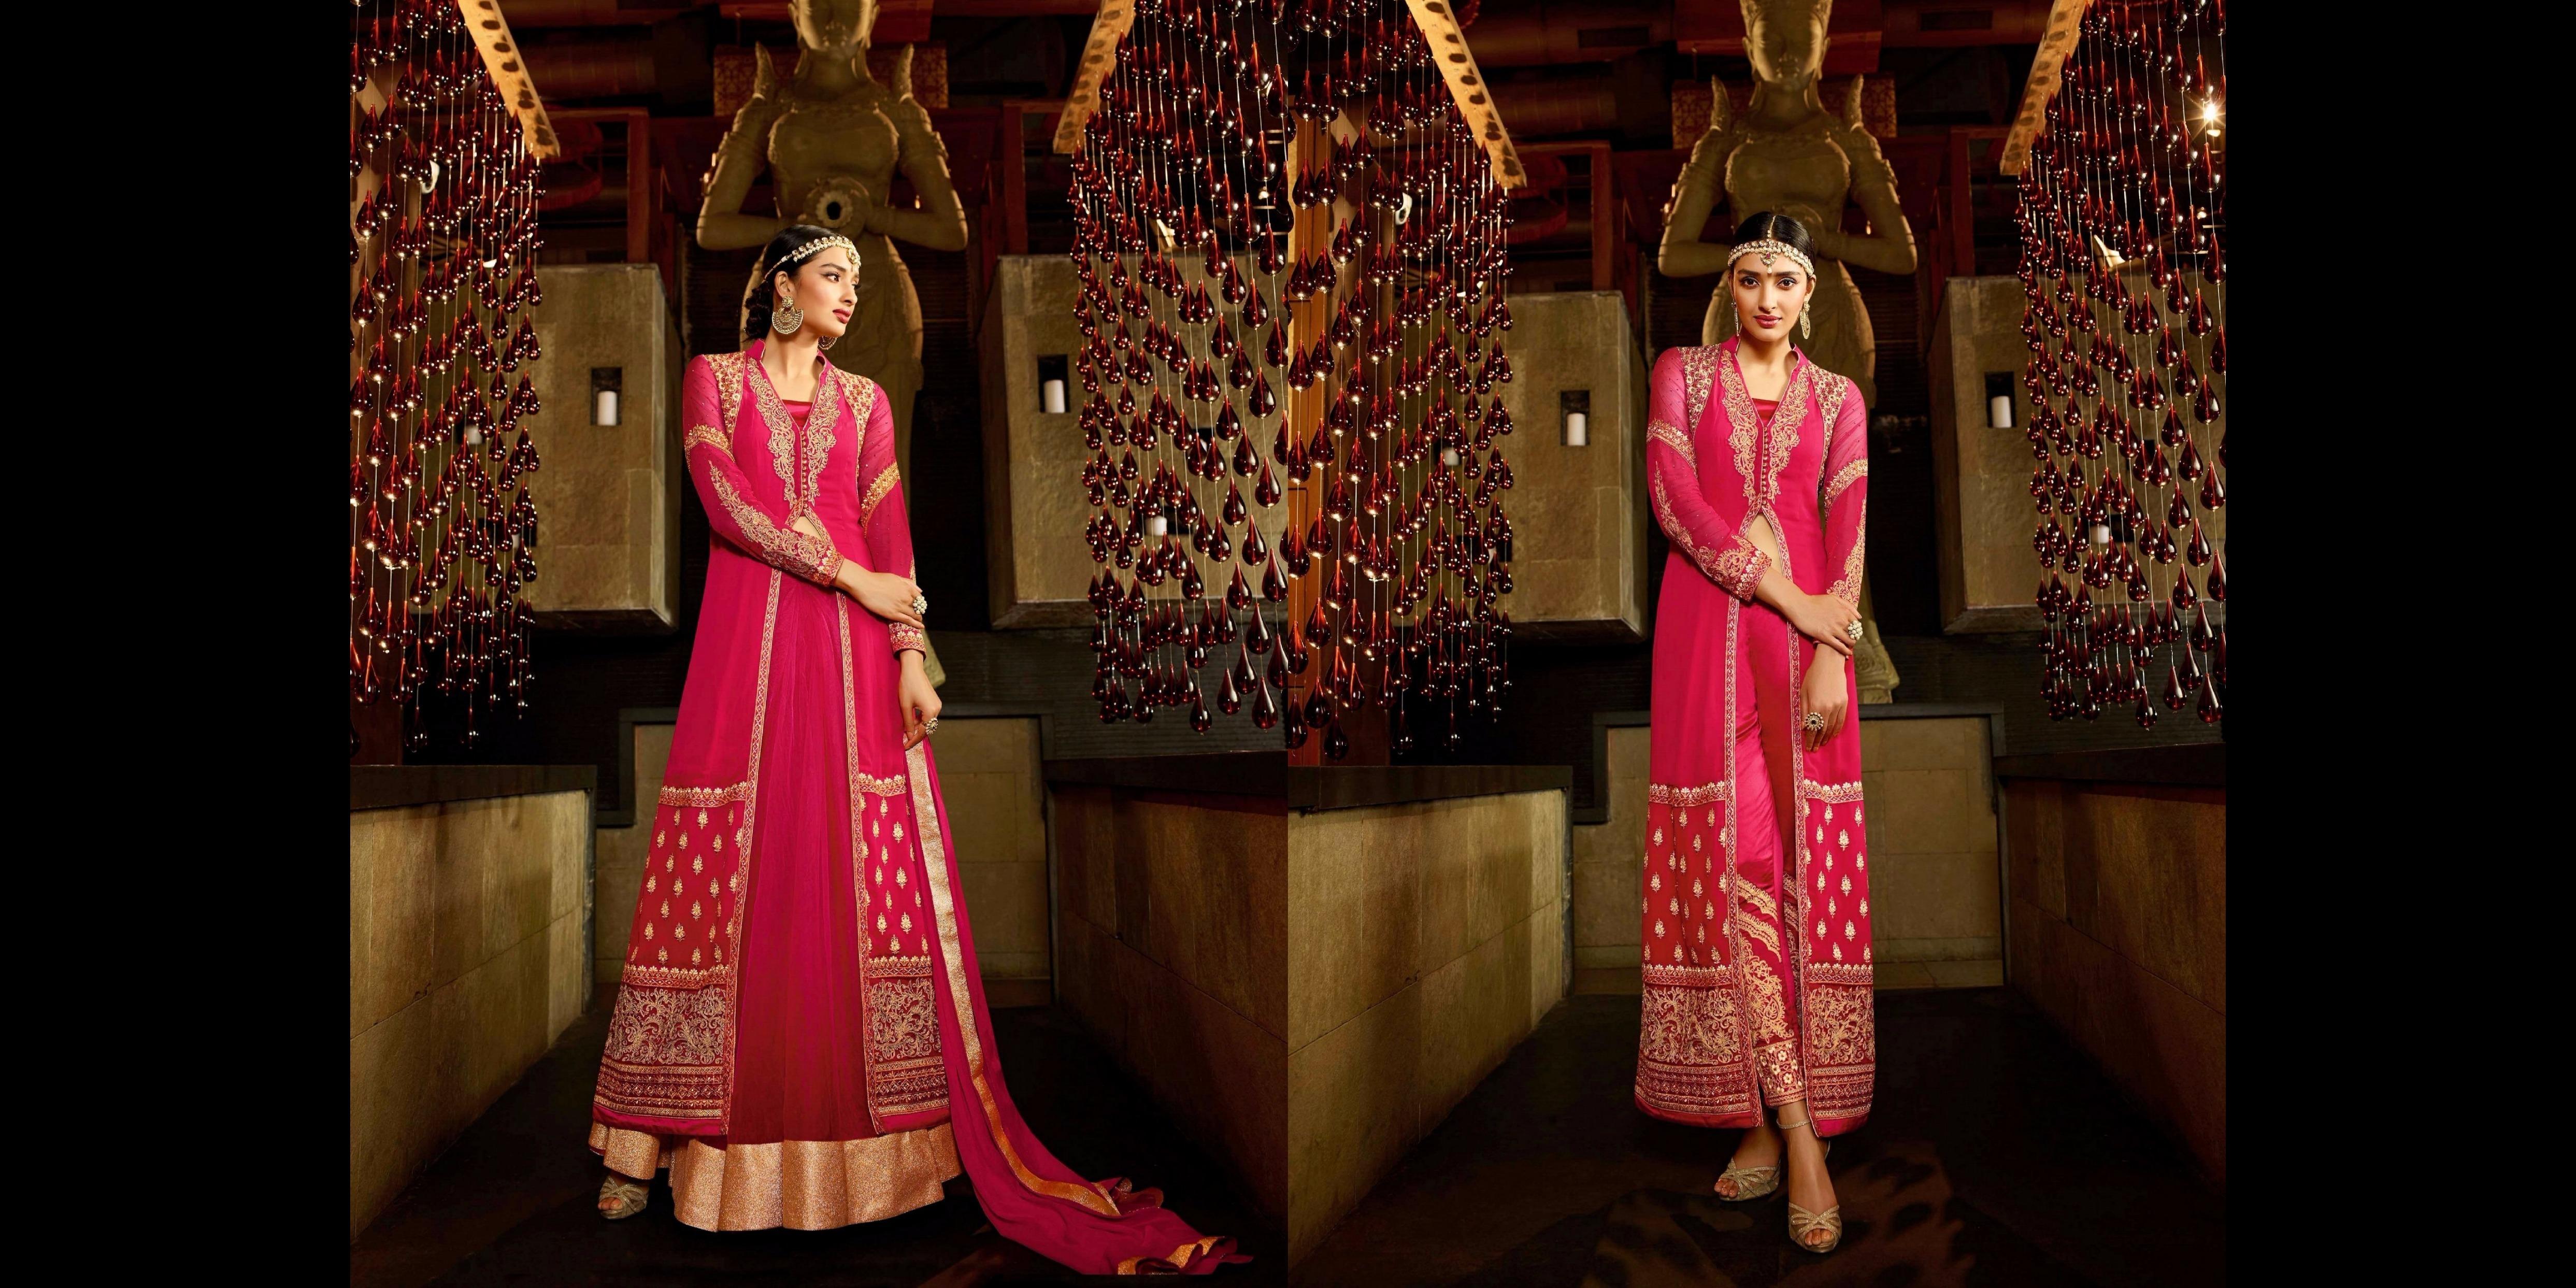 Fashion clothing online shopping india 46